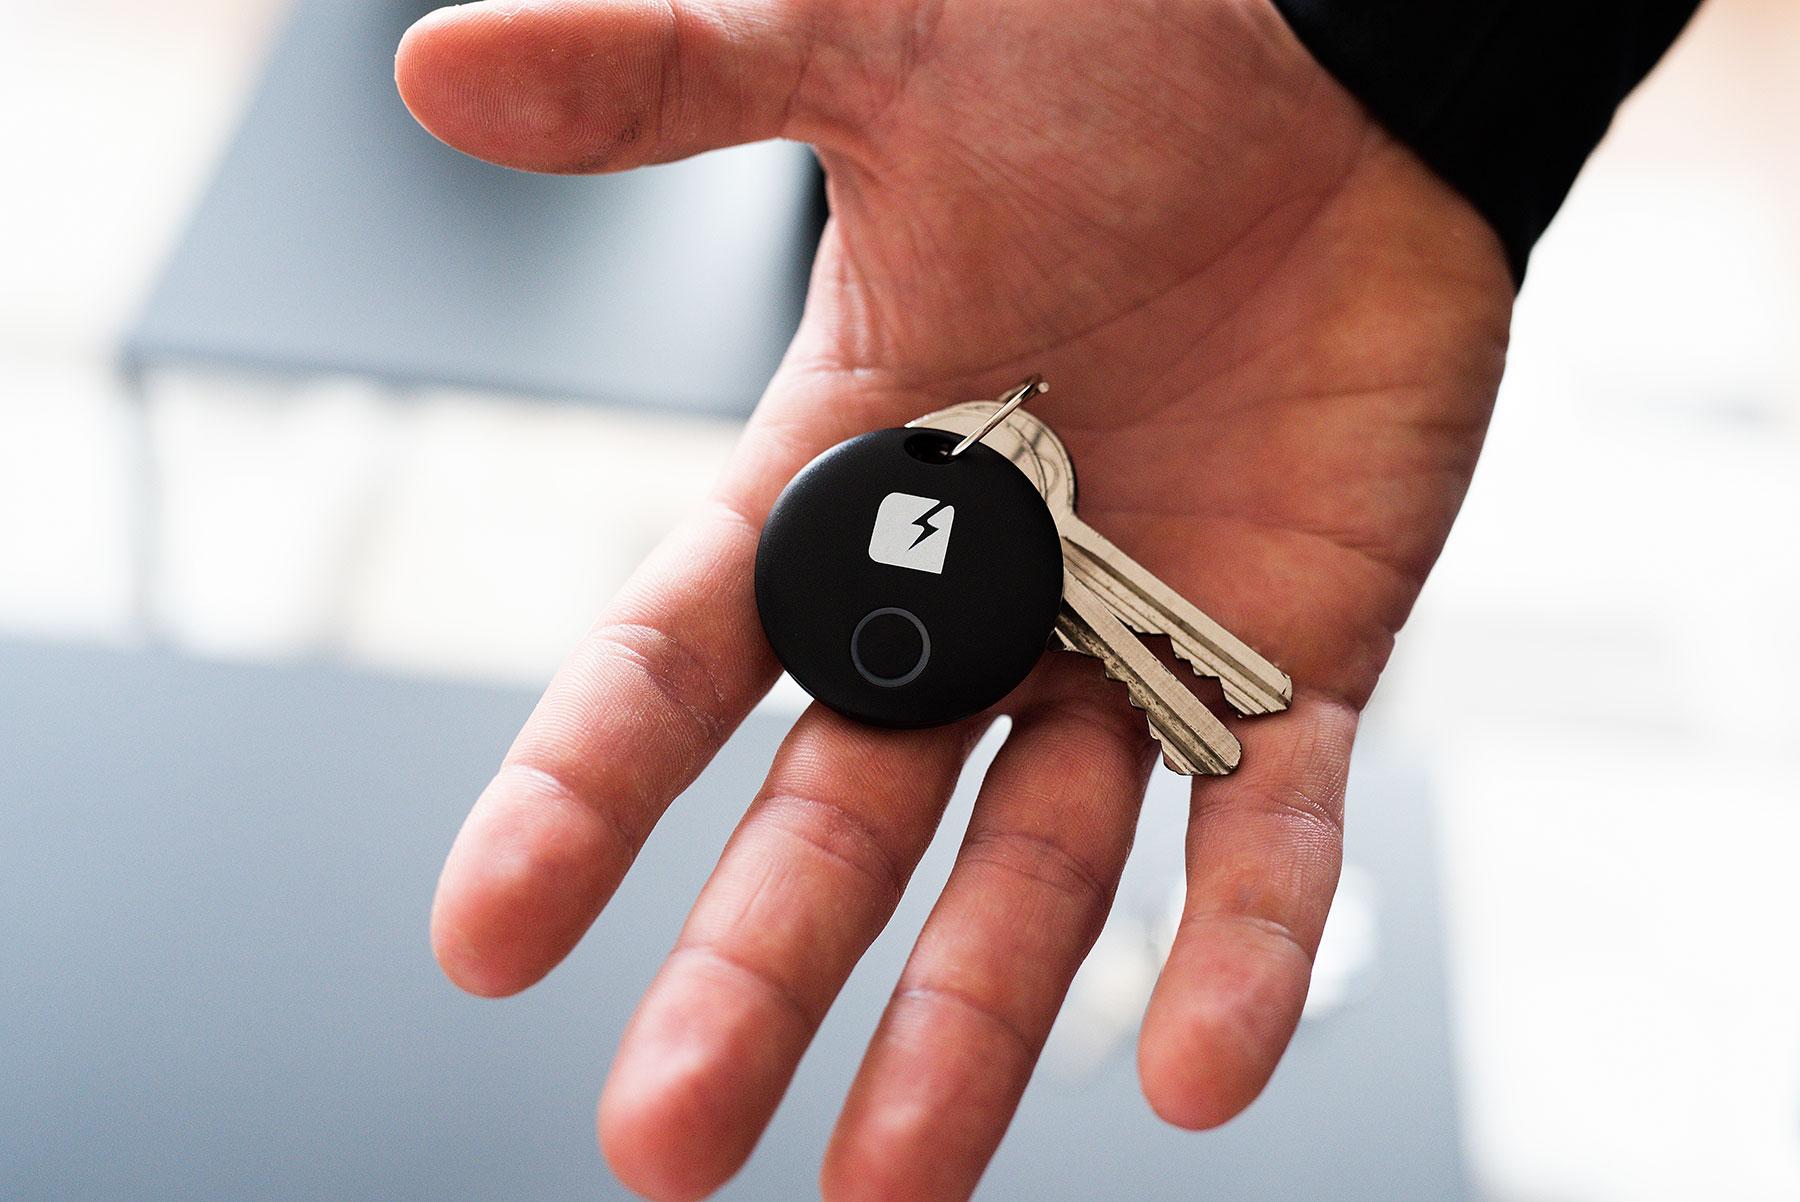 Schlüsselfinder kaufen die Schlüssel nie verlieren